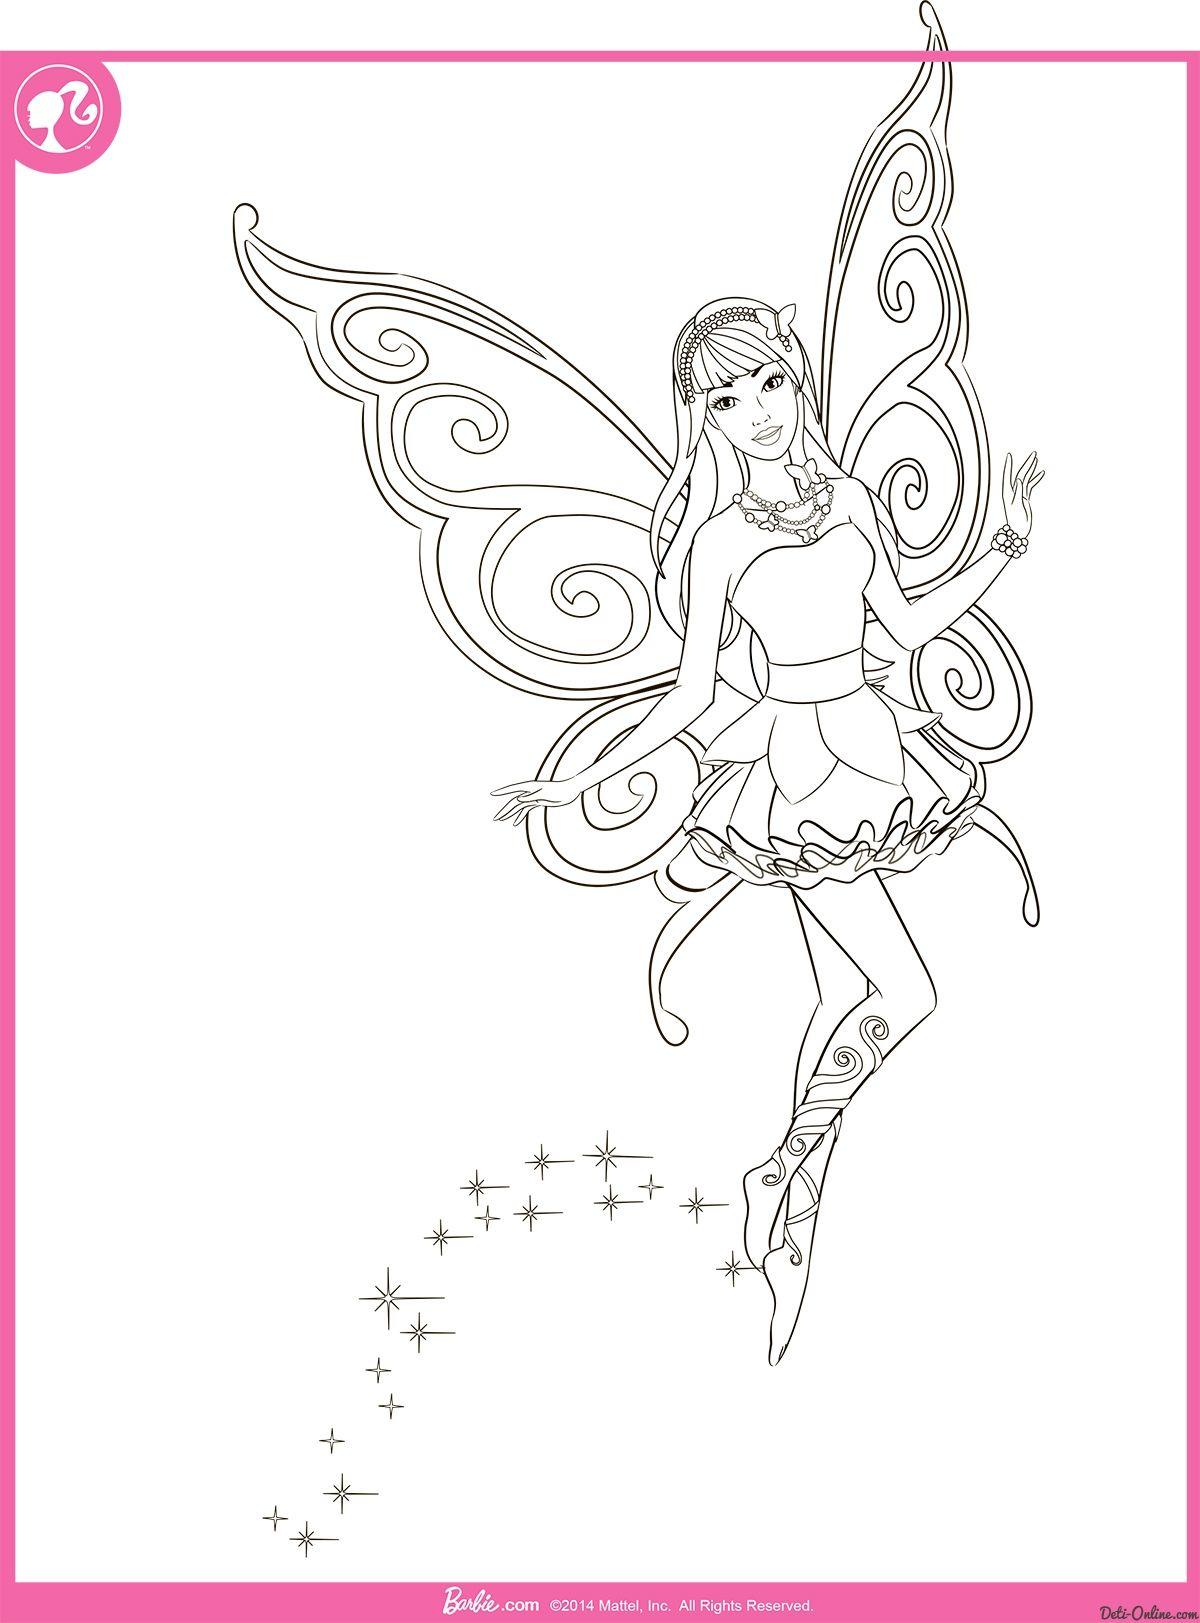 Ausmalbilder Barbie Rapunzel Kostenlos :  Ausmalbilder Barbie Pinterest Ausmalbilder